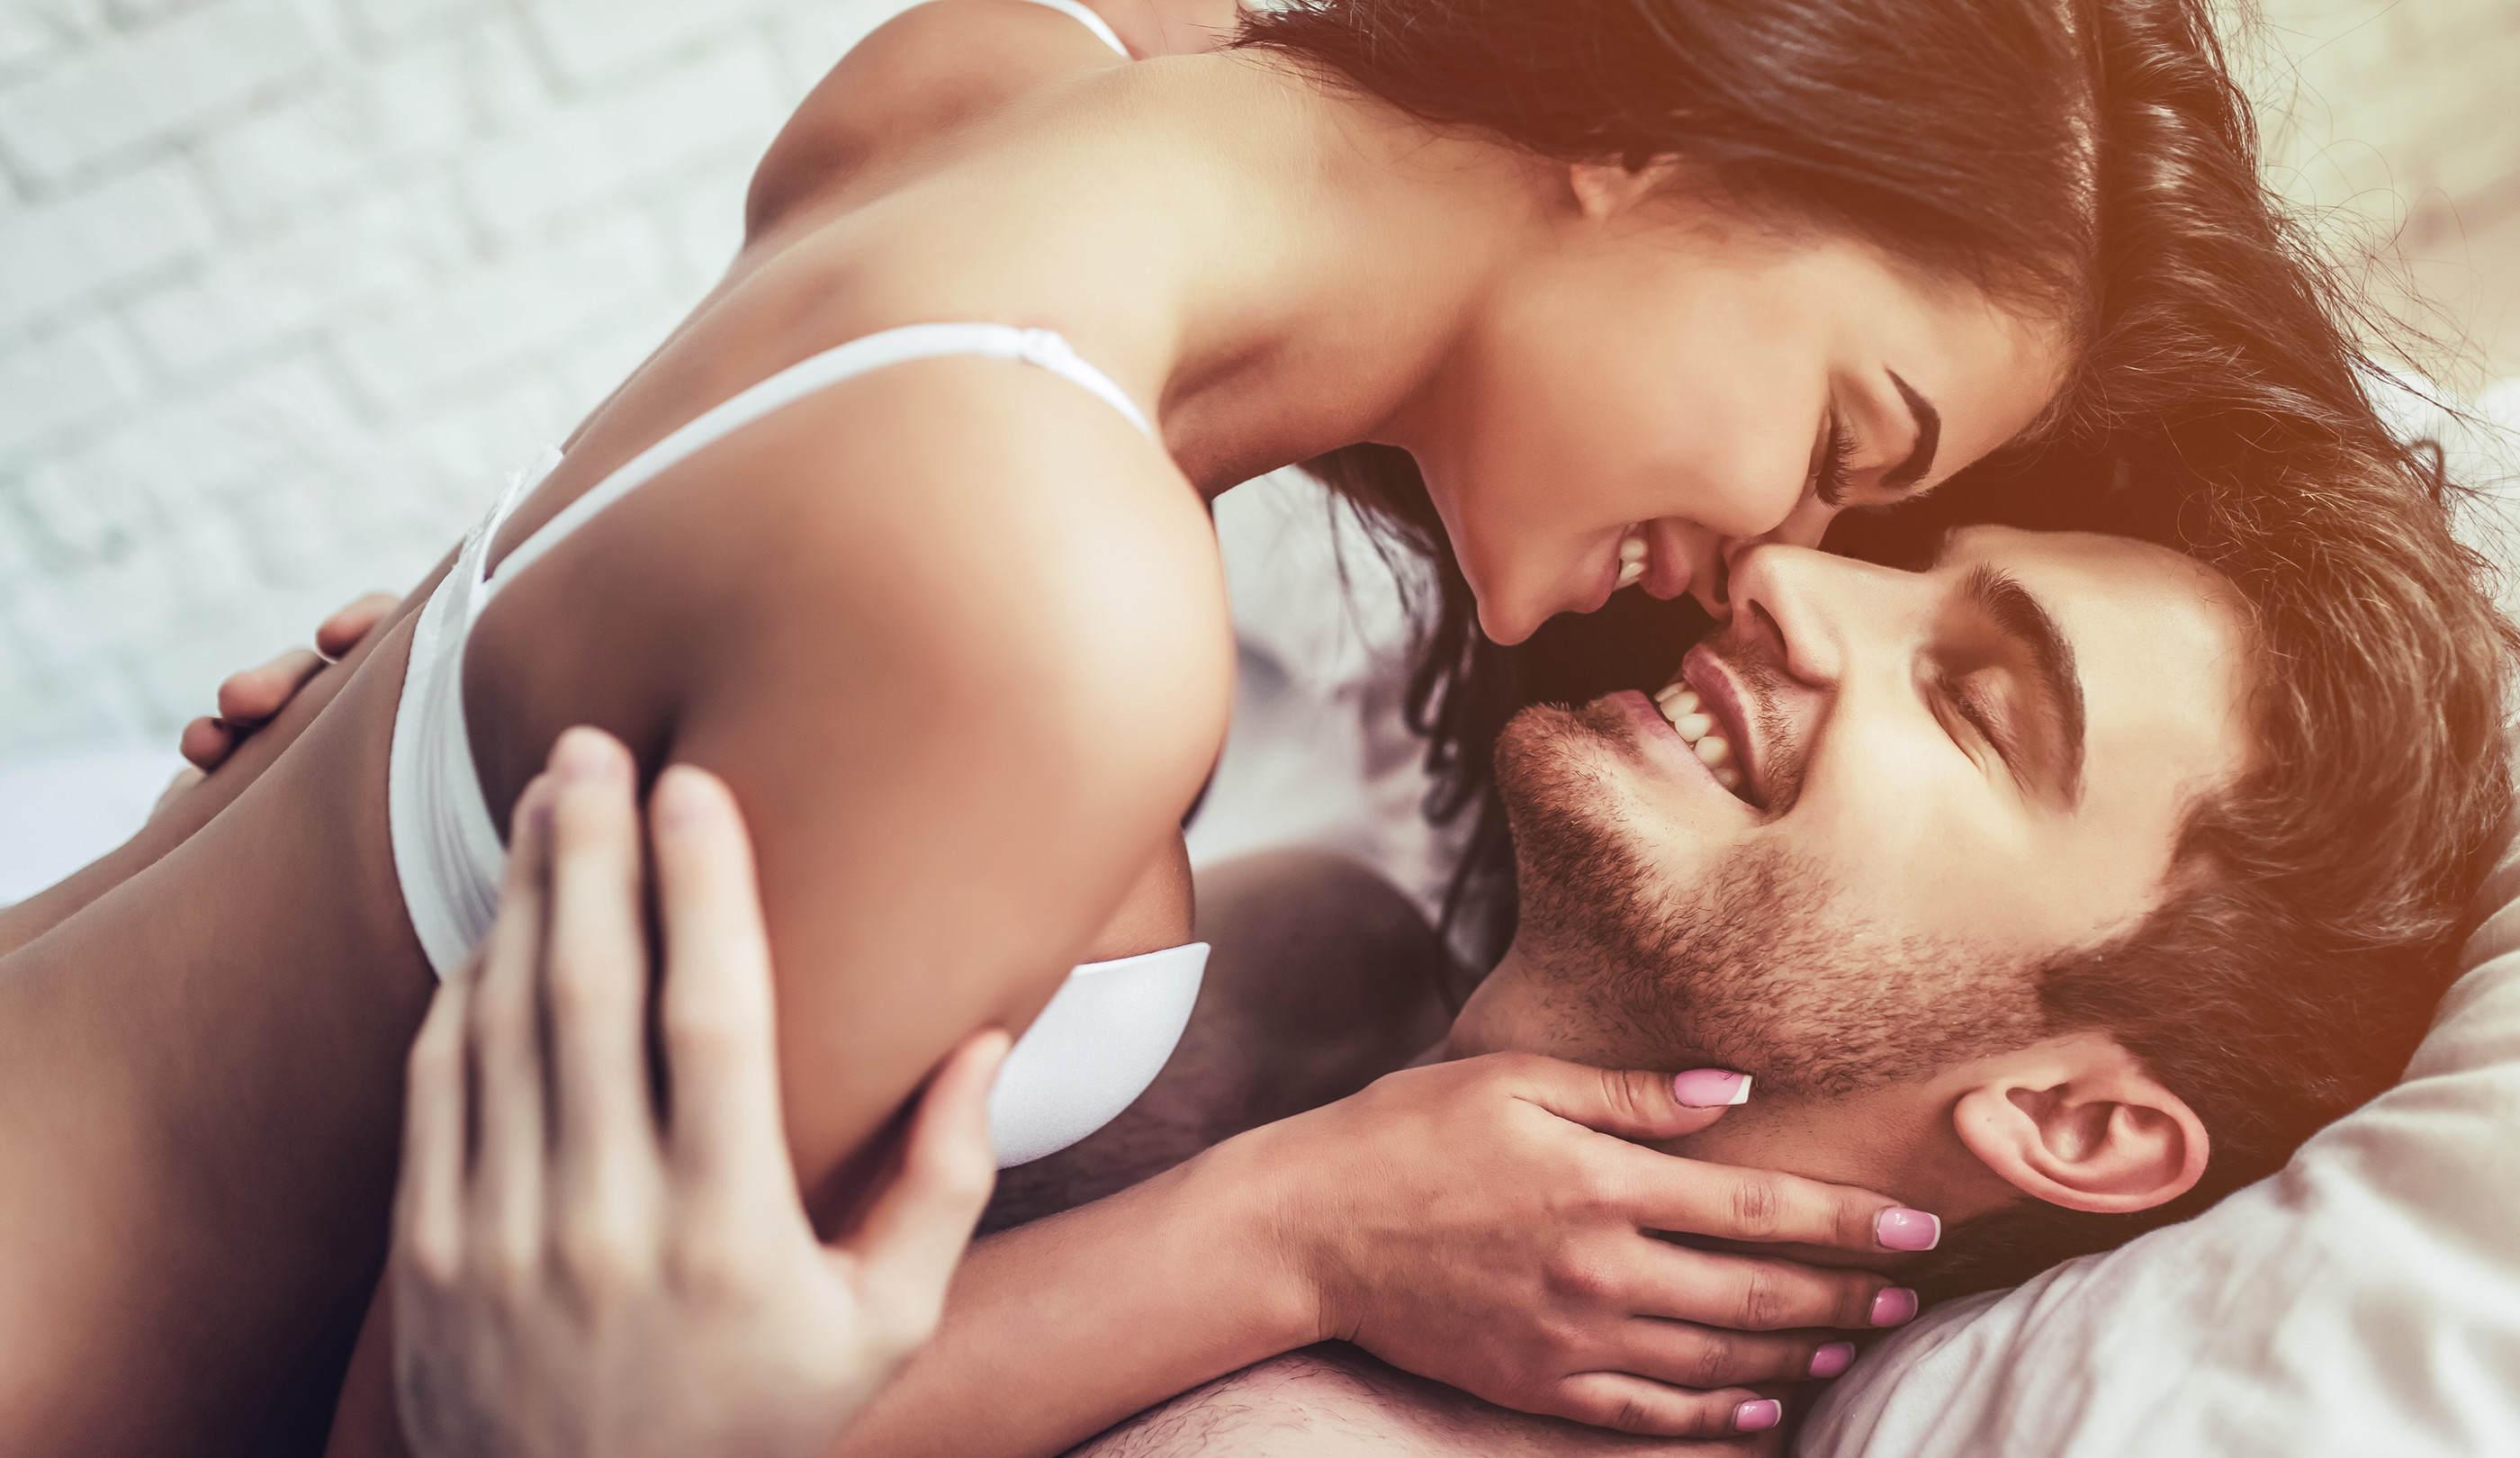 всегда картинки секс трахаются и целуются предоставленная информация сайте